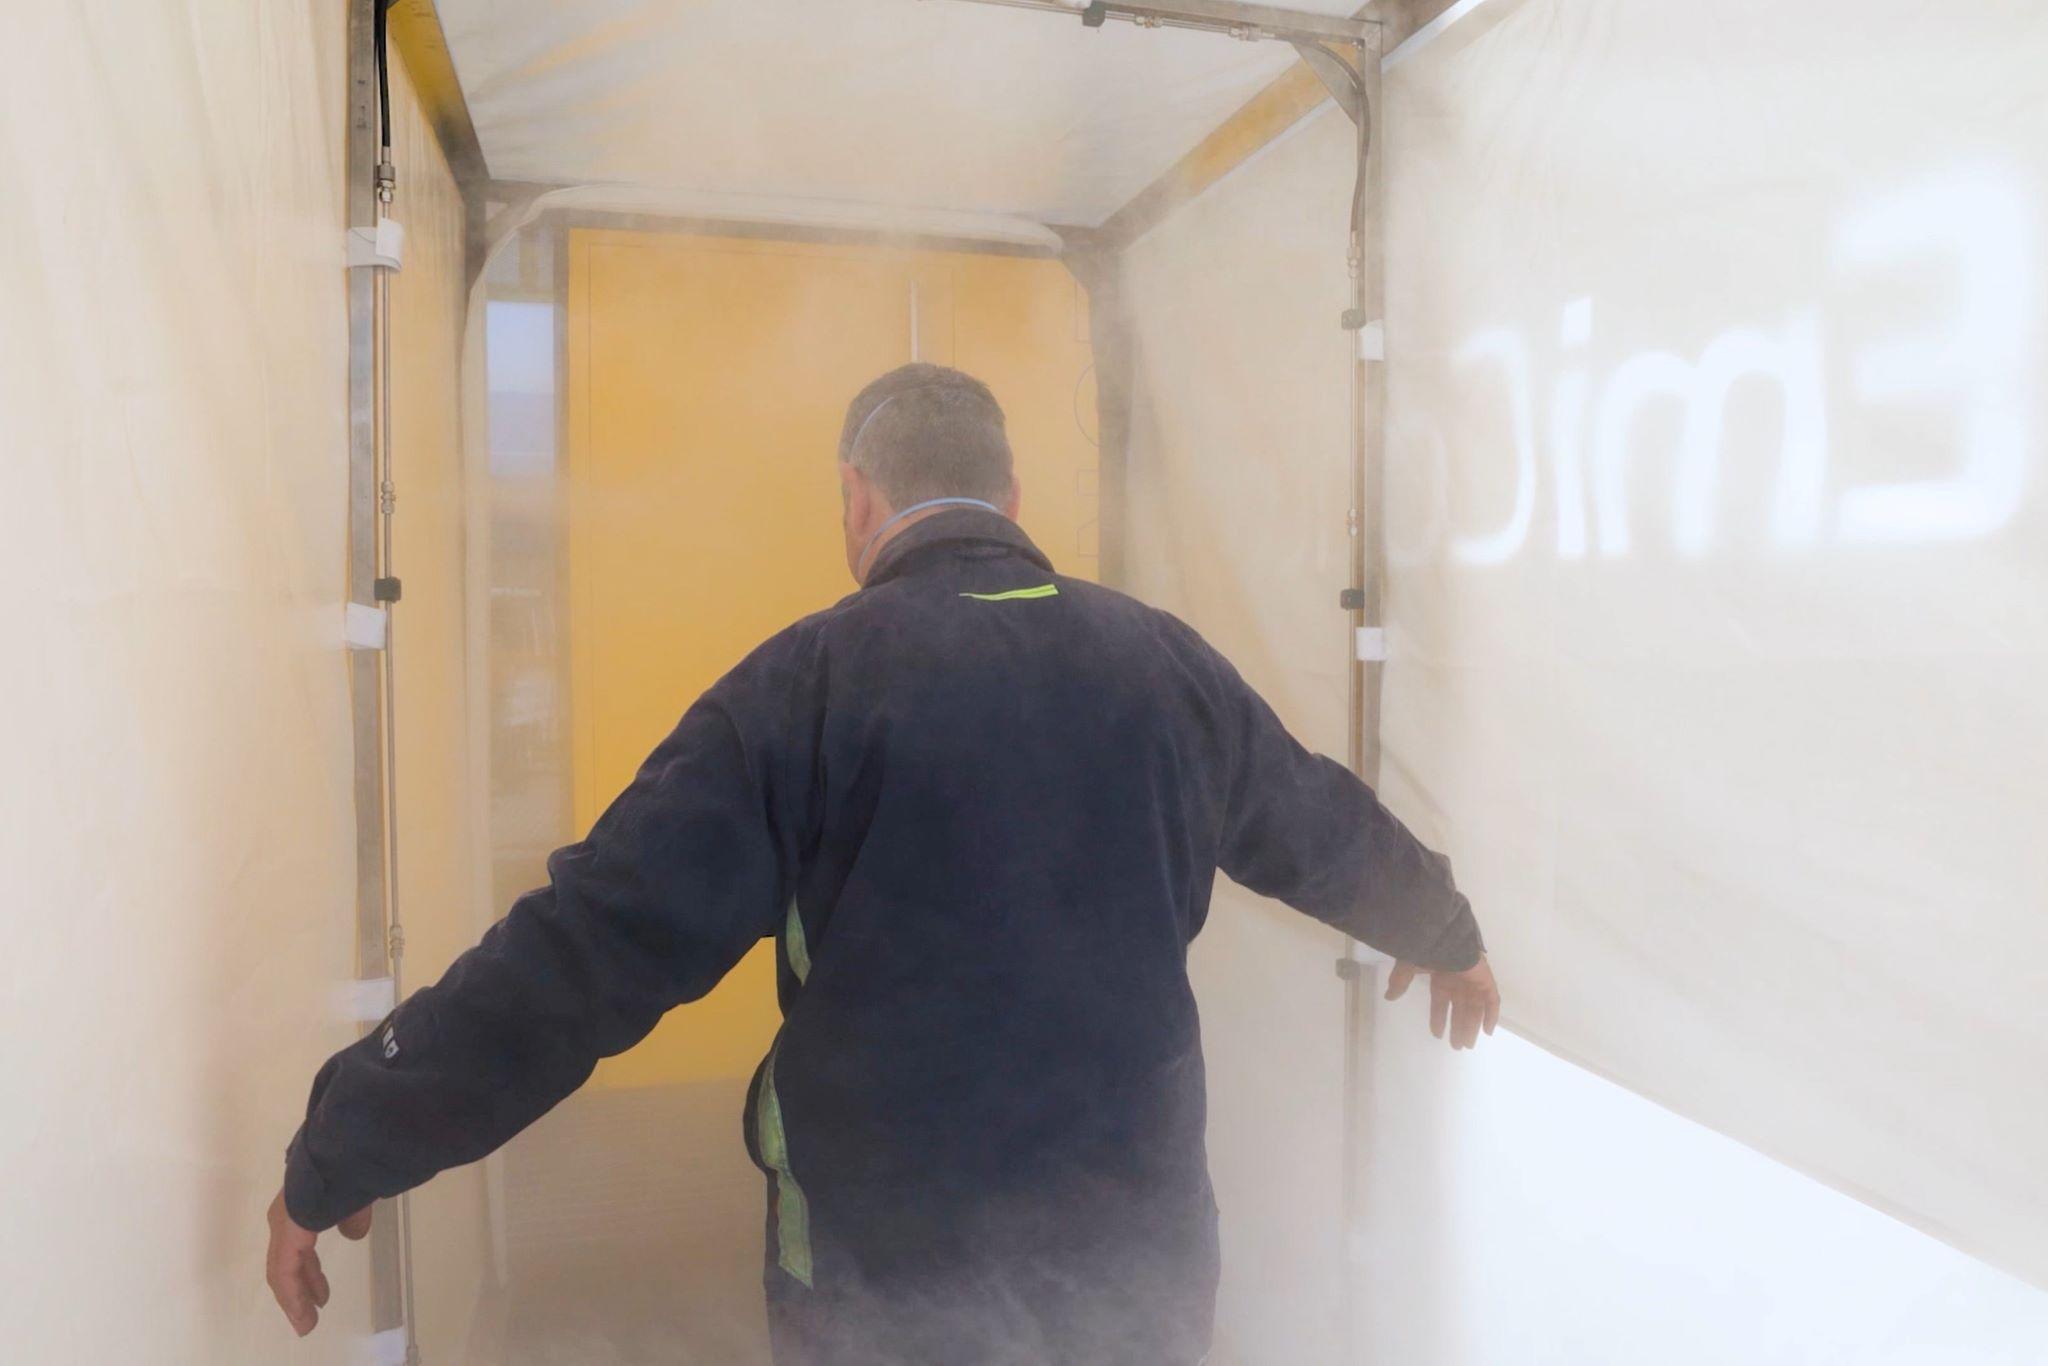 Individuo dentro del túnel de desinfección